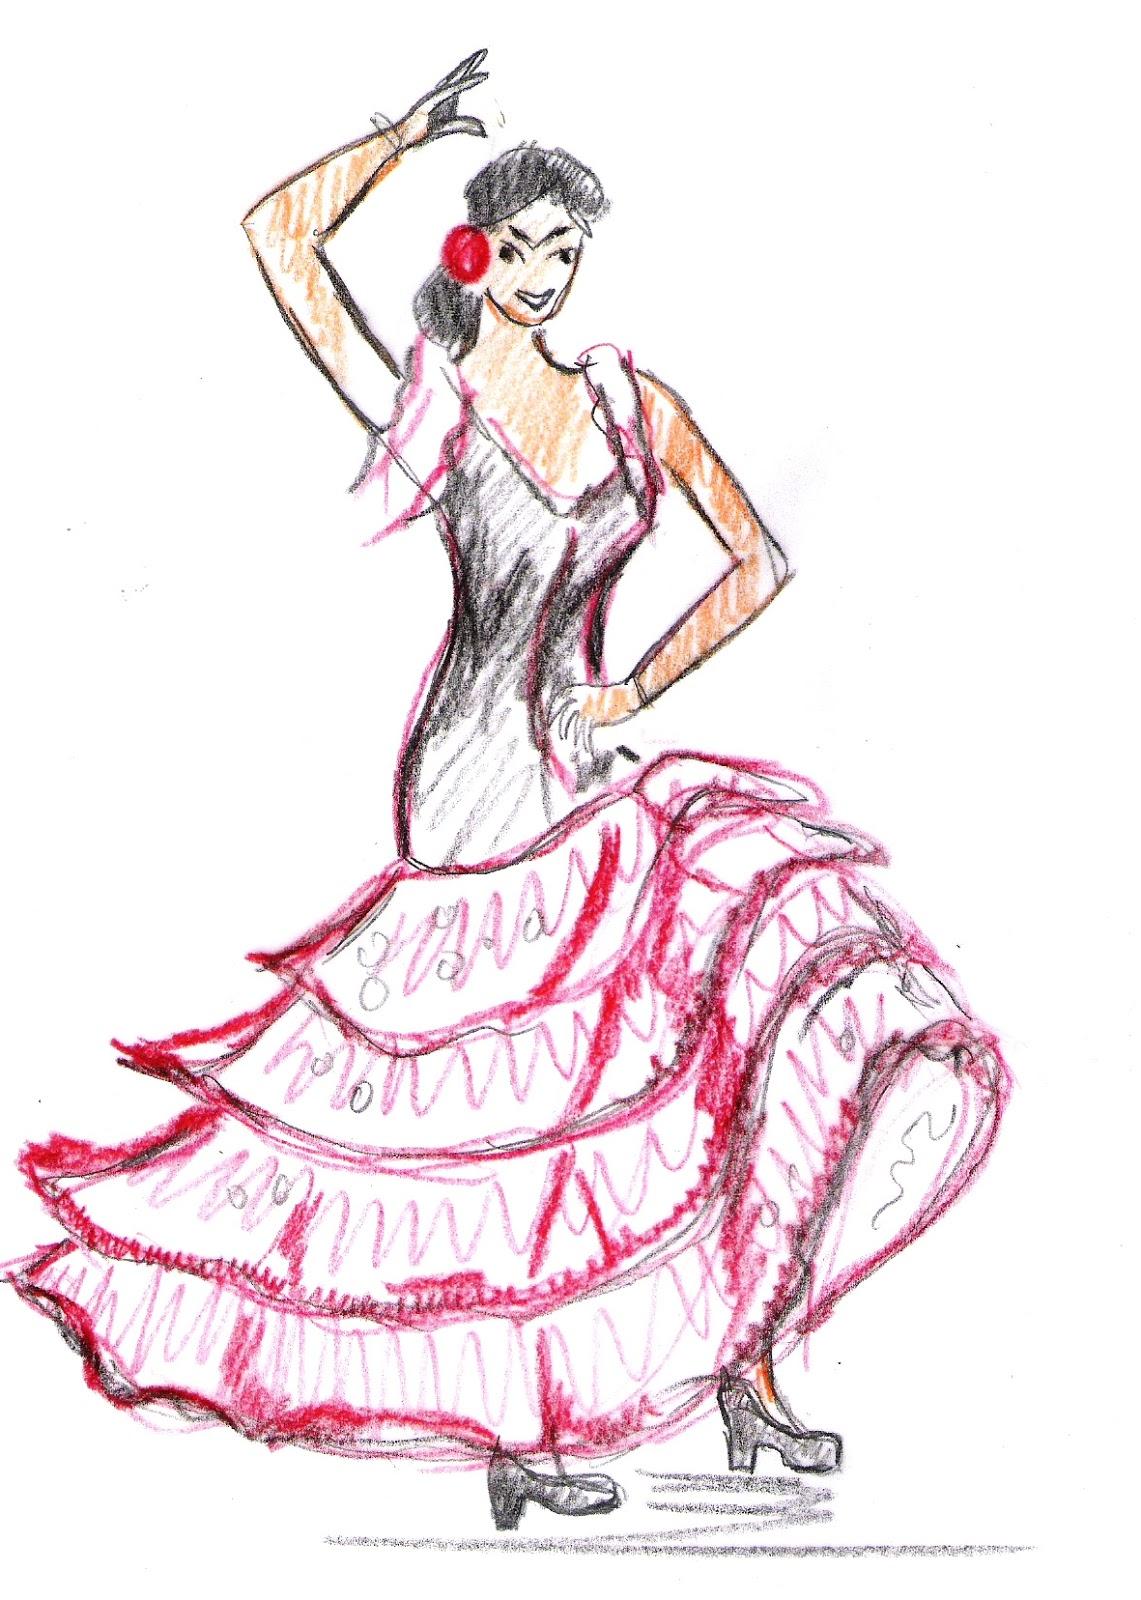 Jour apr s jour mon blog le flamenco - Dessin danseuse de flamenco ...